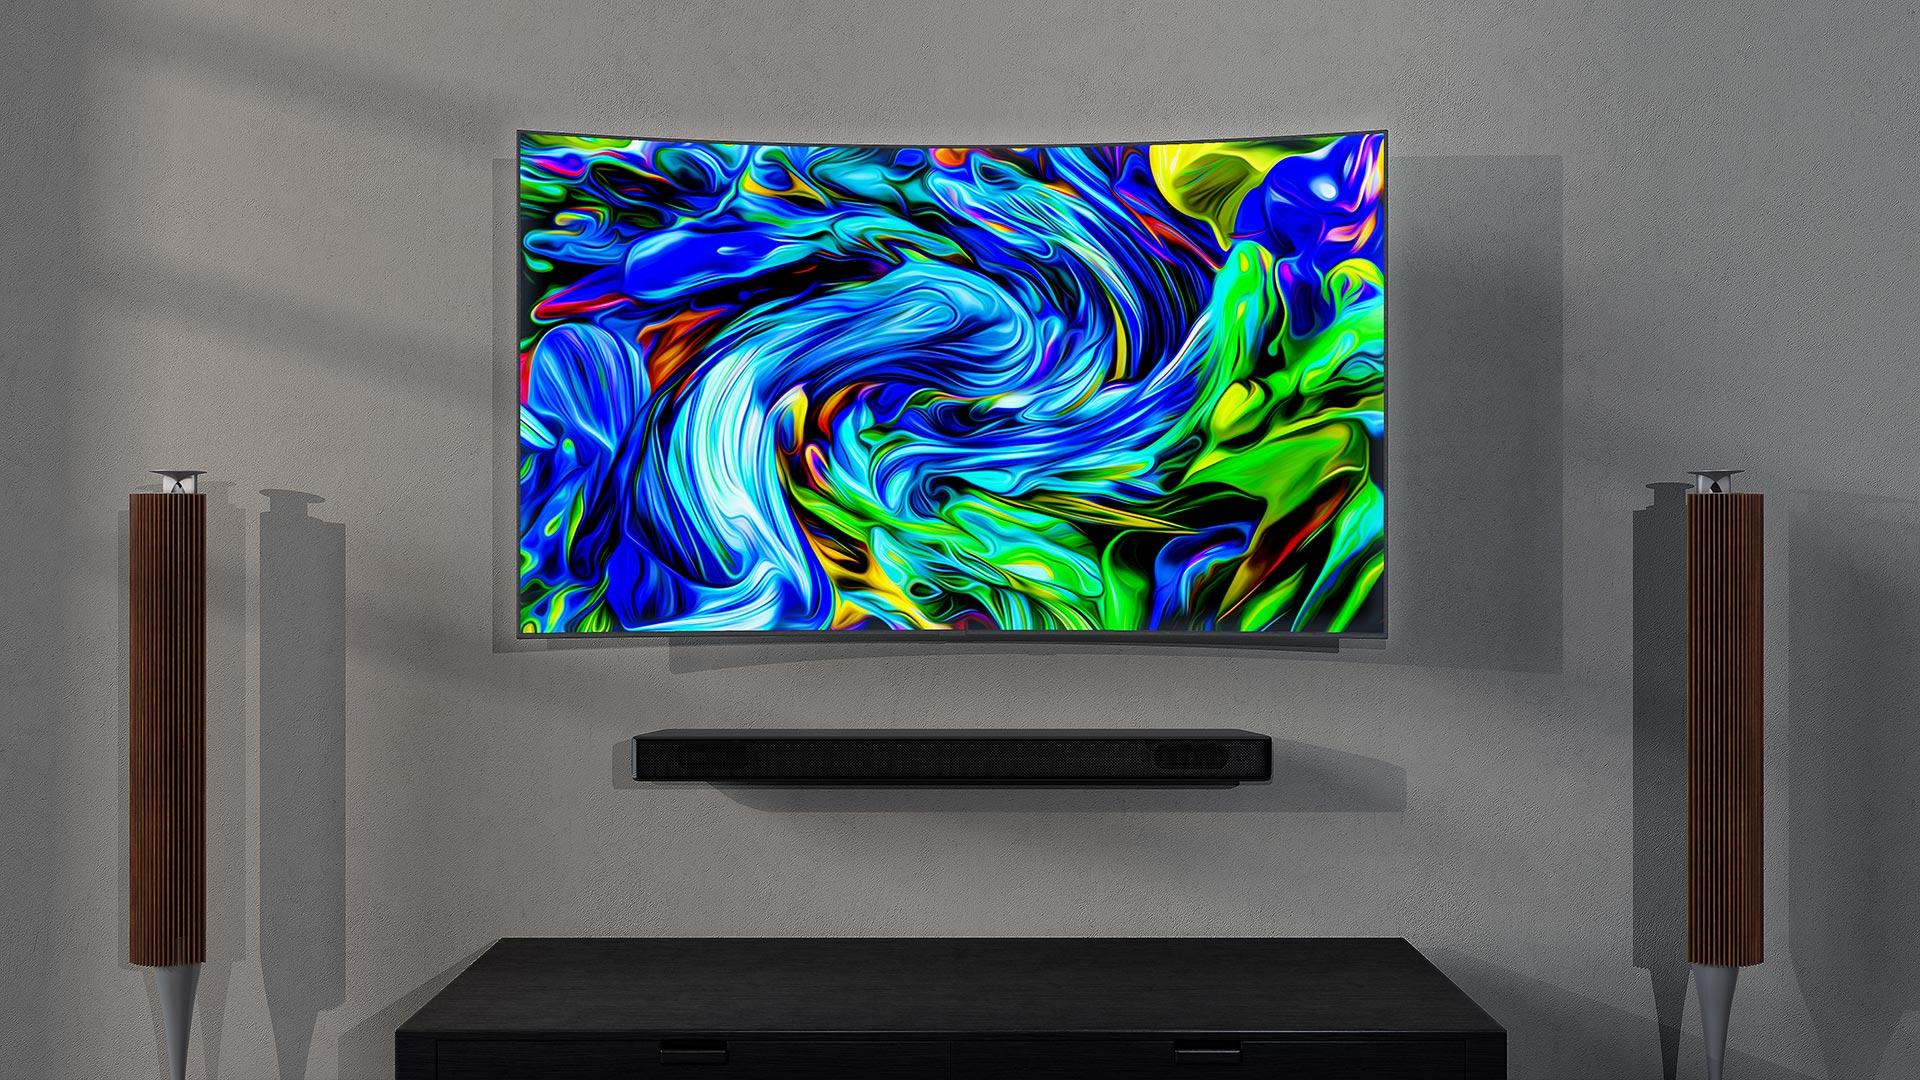 Samsung TV In Situ Render